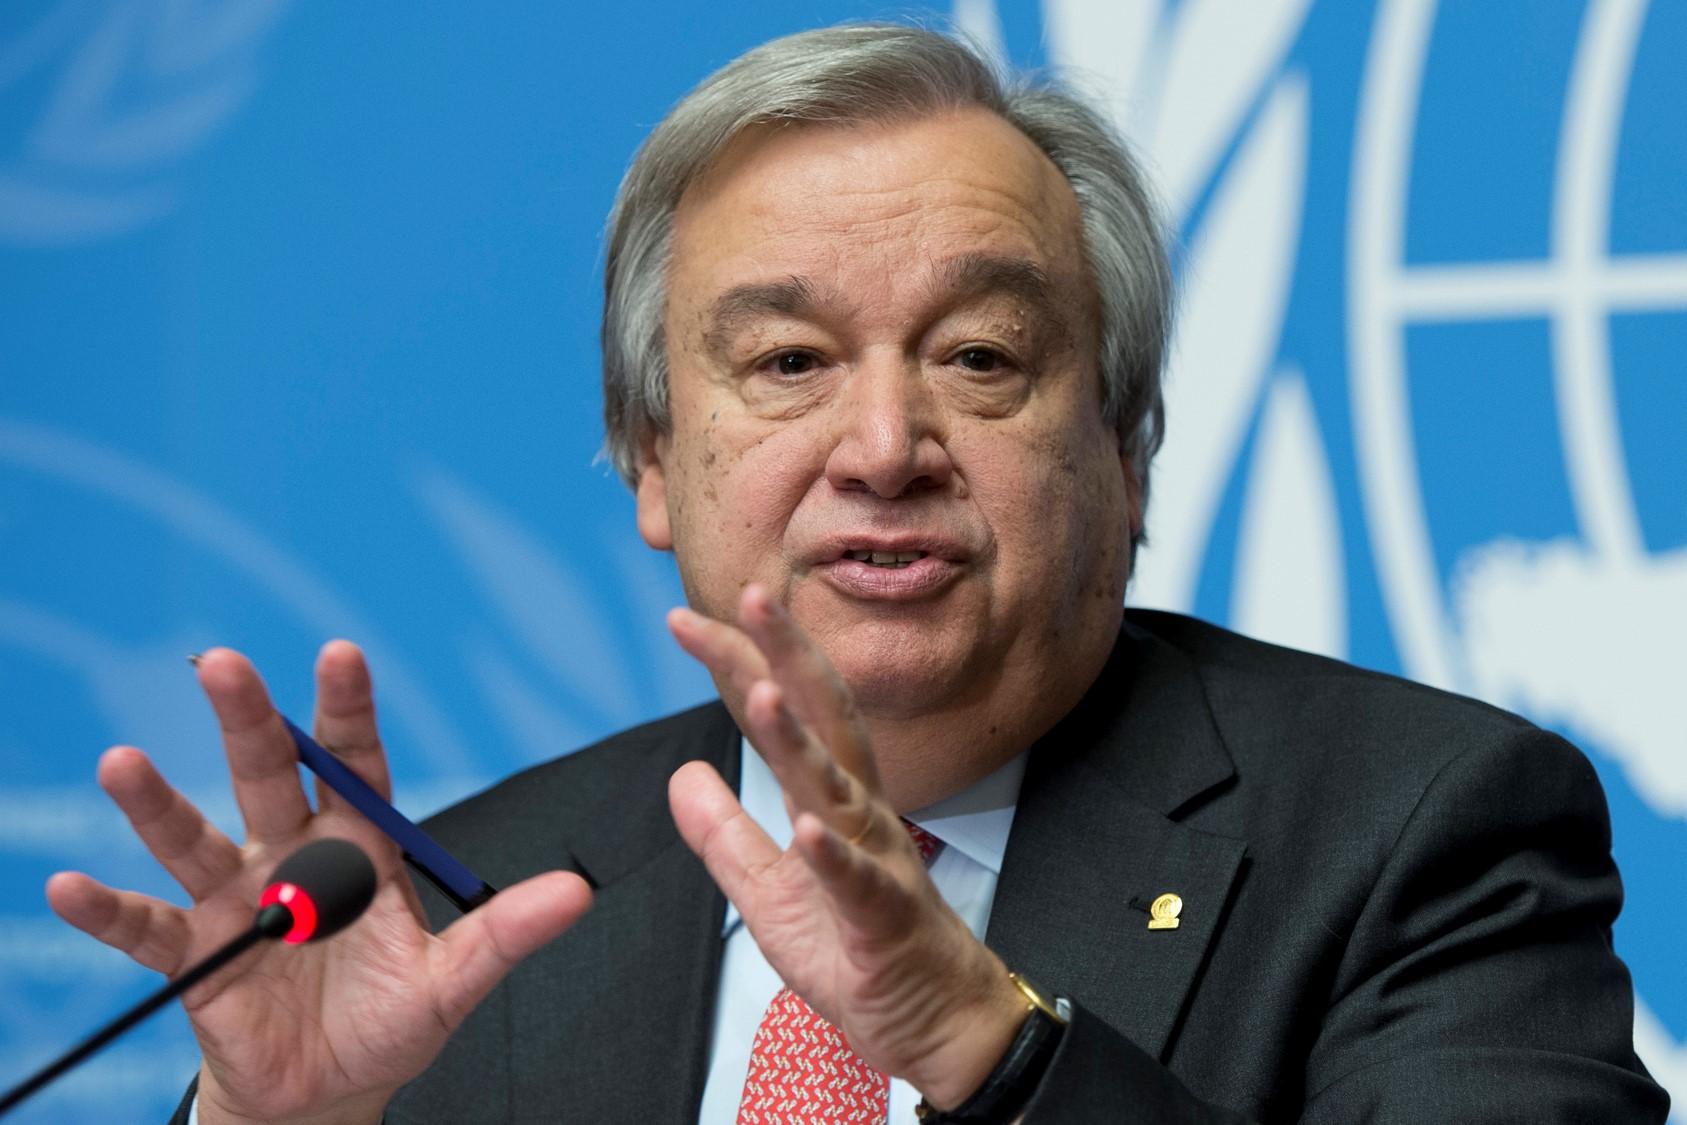 La del coronavirus no es una crisis financiera, sino humana, afirma el Secretario General